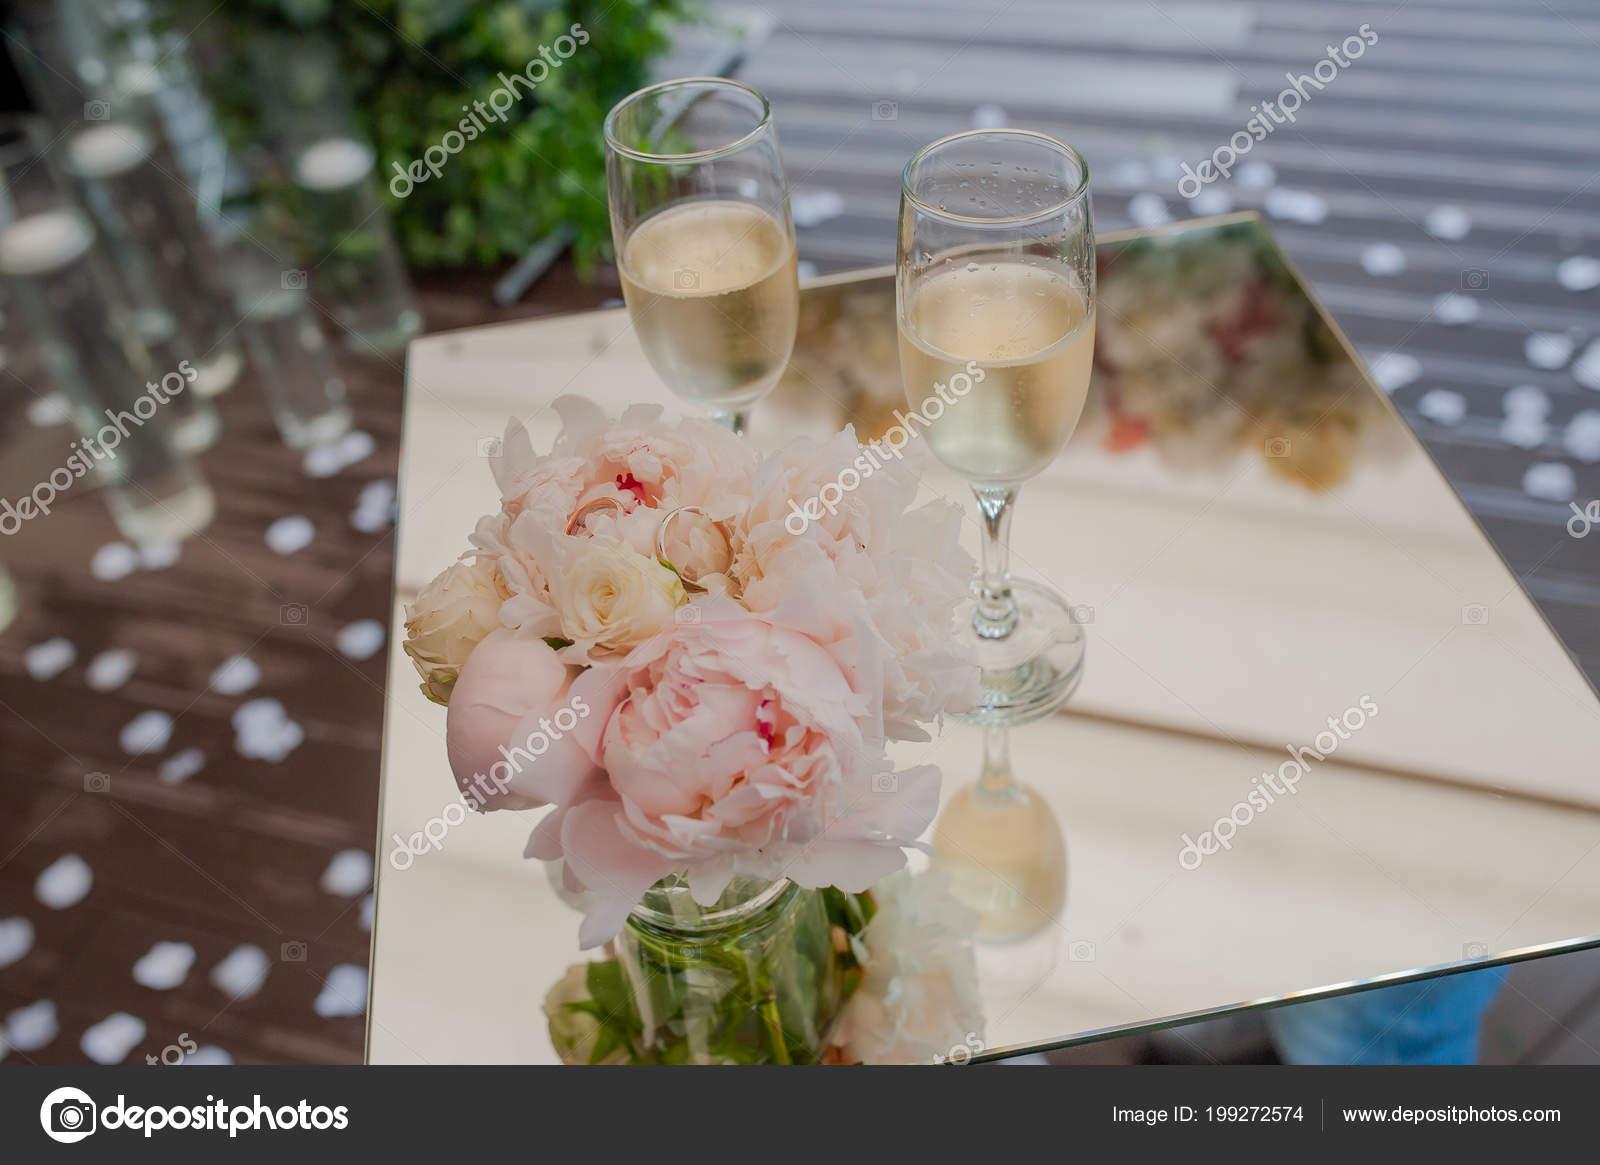 Hochzeit Ringe Und Blumen Stockfoto C Kiriak09 199272574